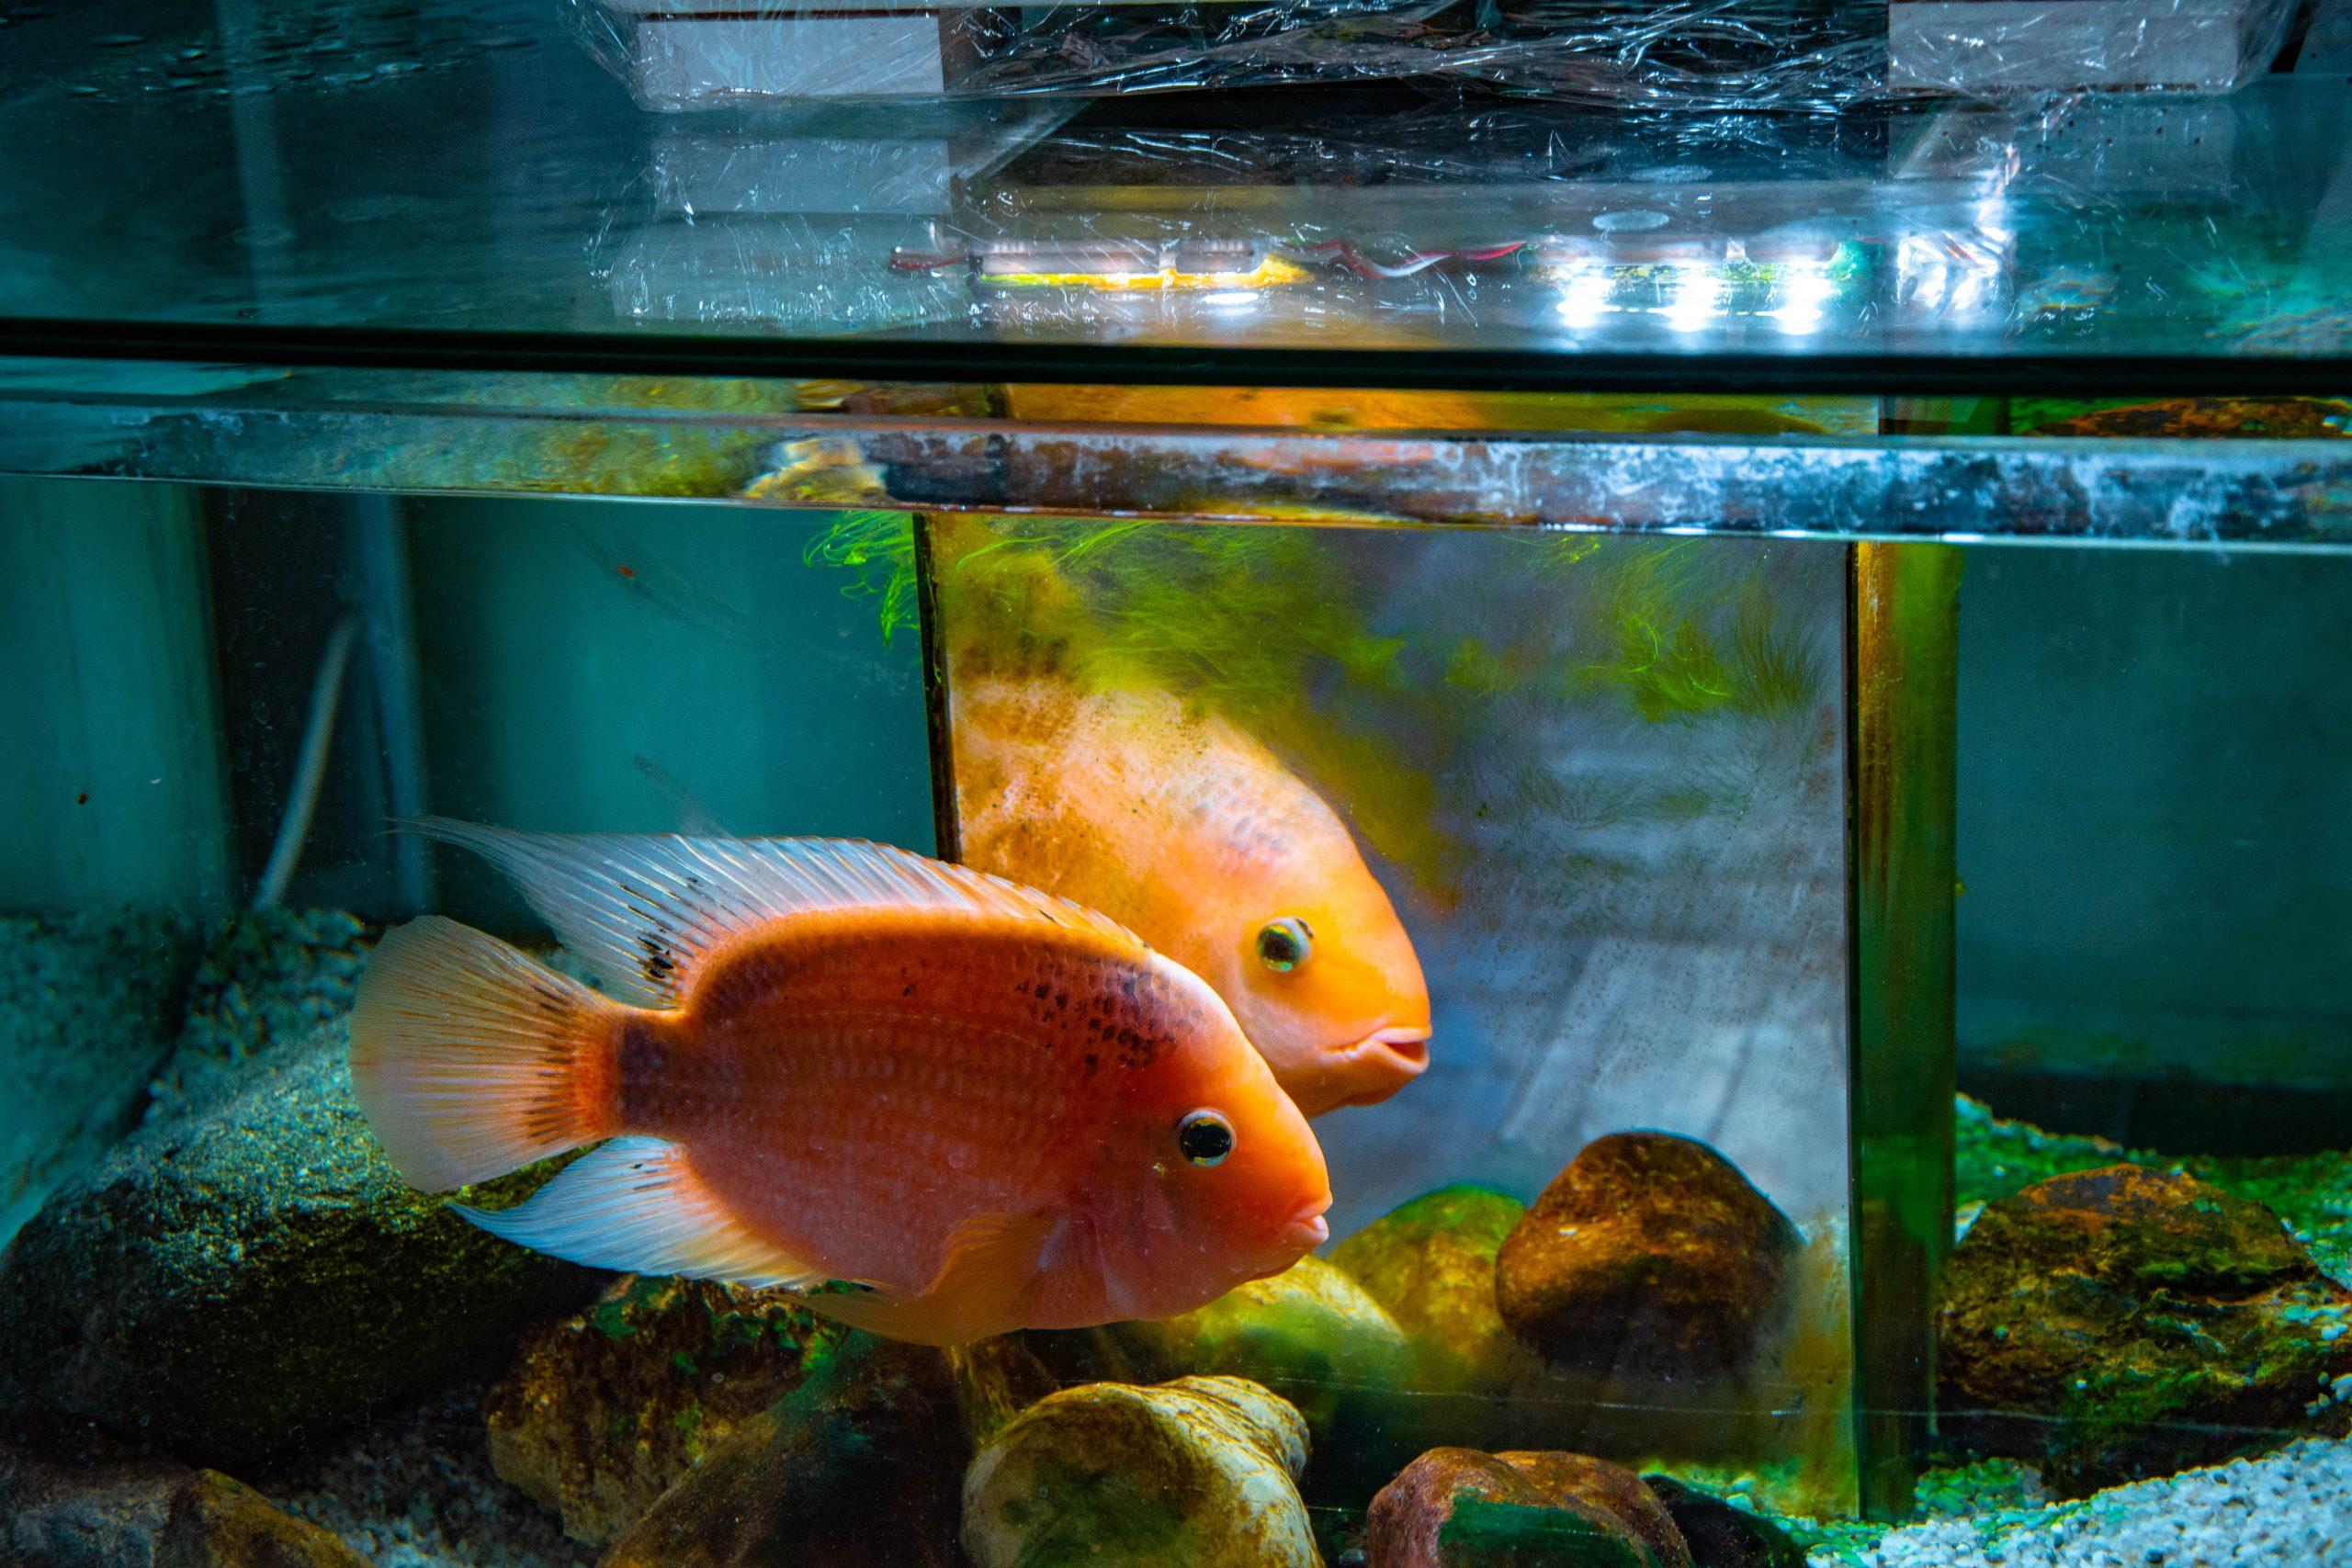 U Javnom akvarijumu: Mesto gde su životinje uvek na prvom mestu 8